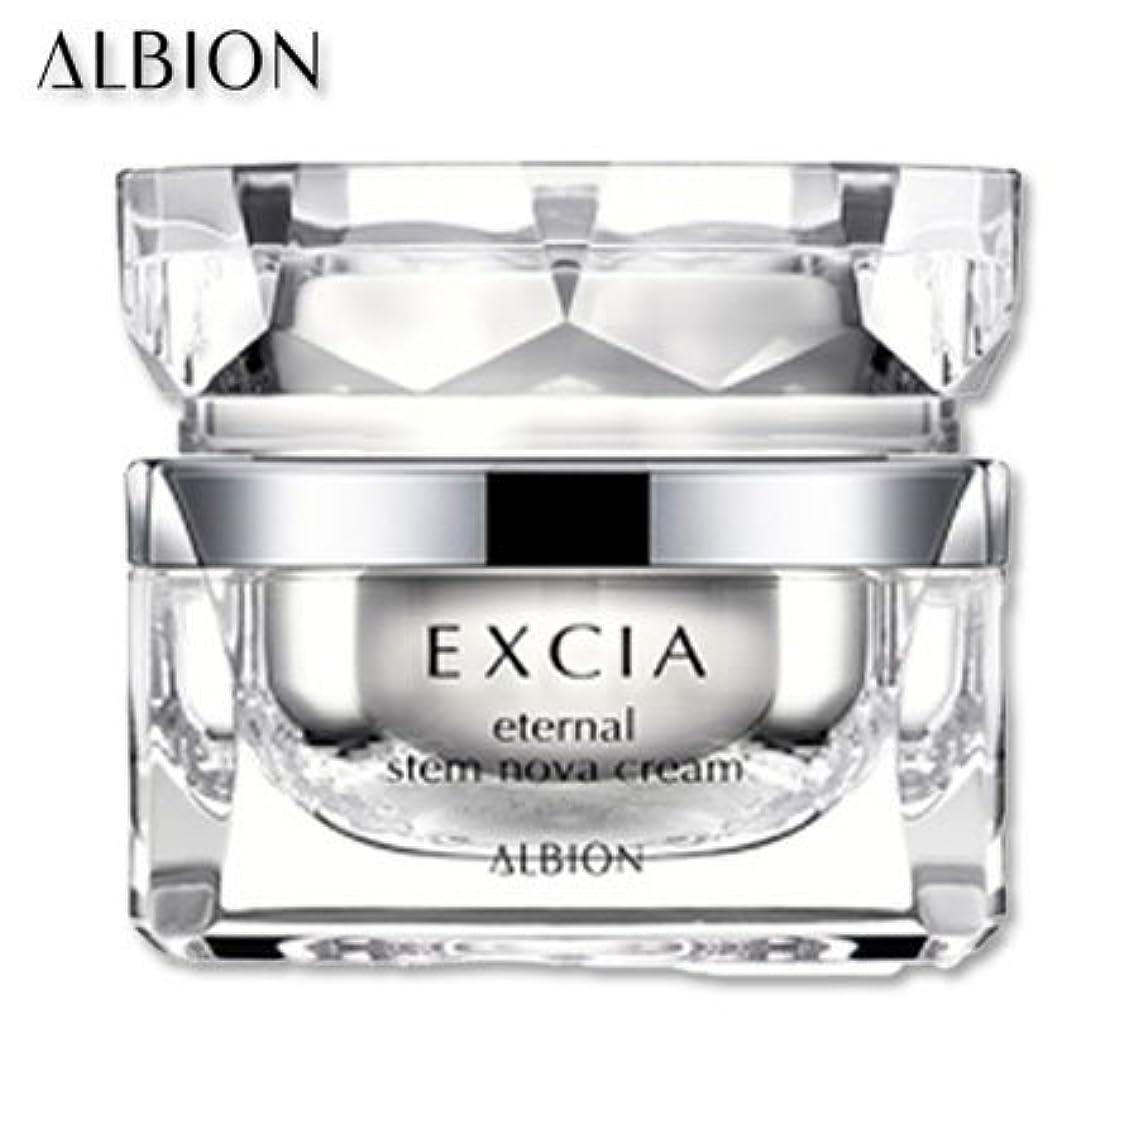 備品ペック順番アルビオン エクシア AL エターナル ステム ノーヴァ クリーム 30g-ALBION-